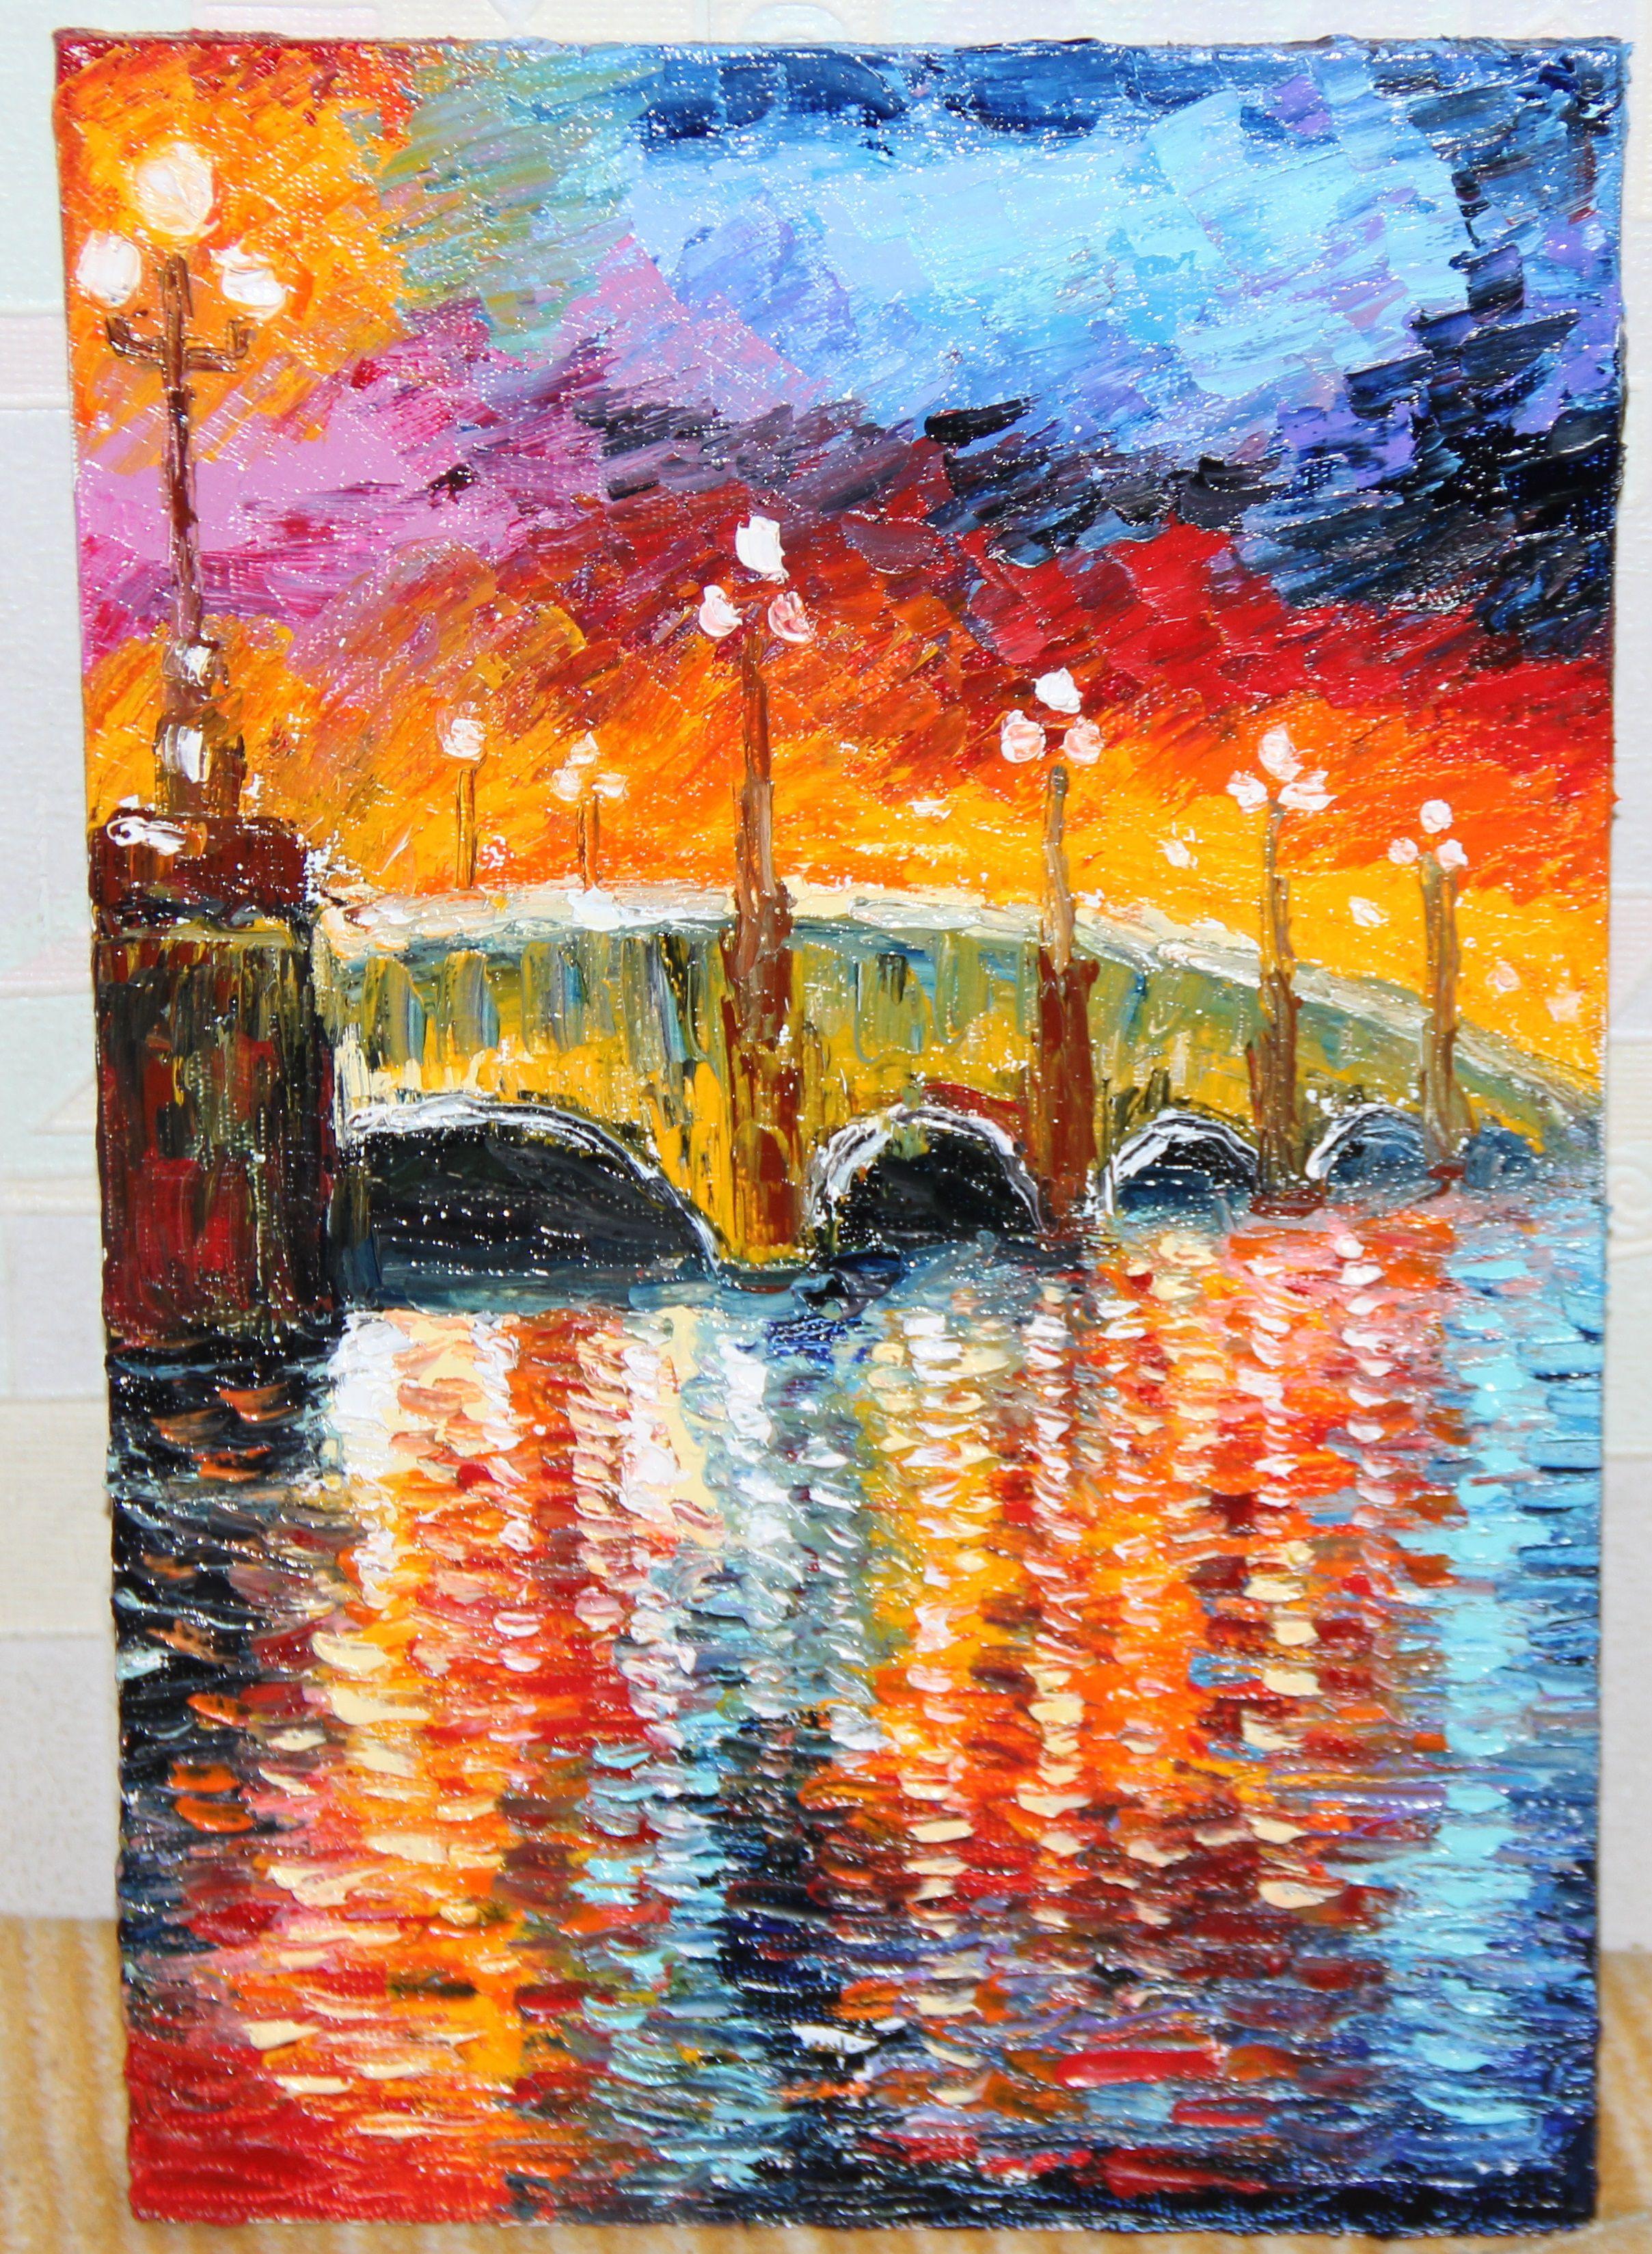 холст река мостик масло мастихин абстракция живопись пейзаж